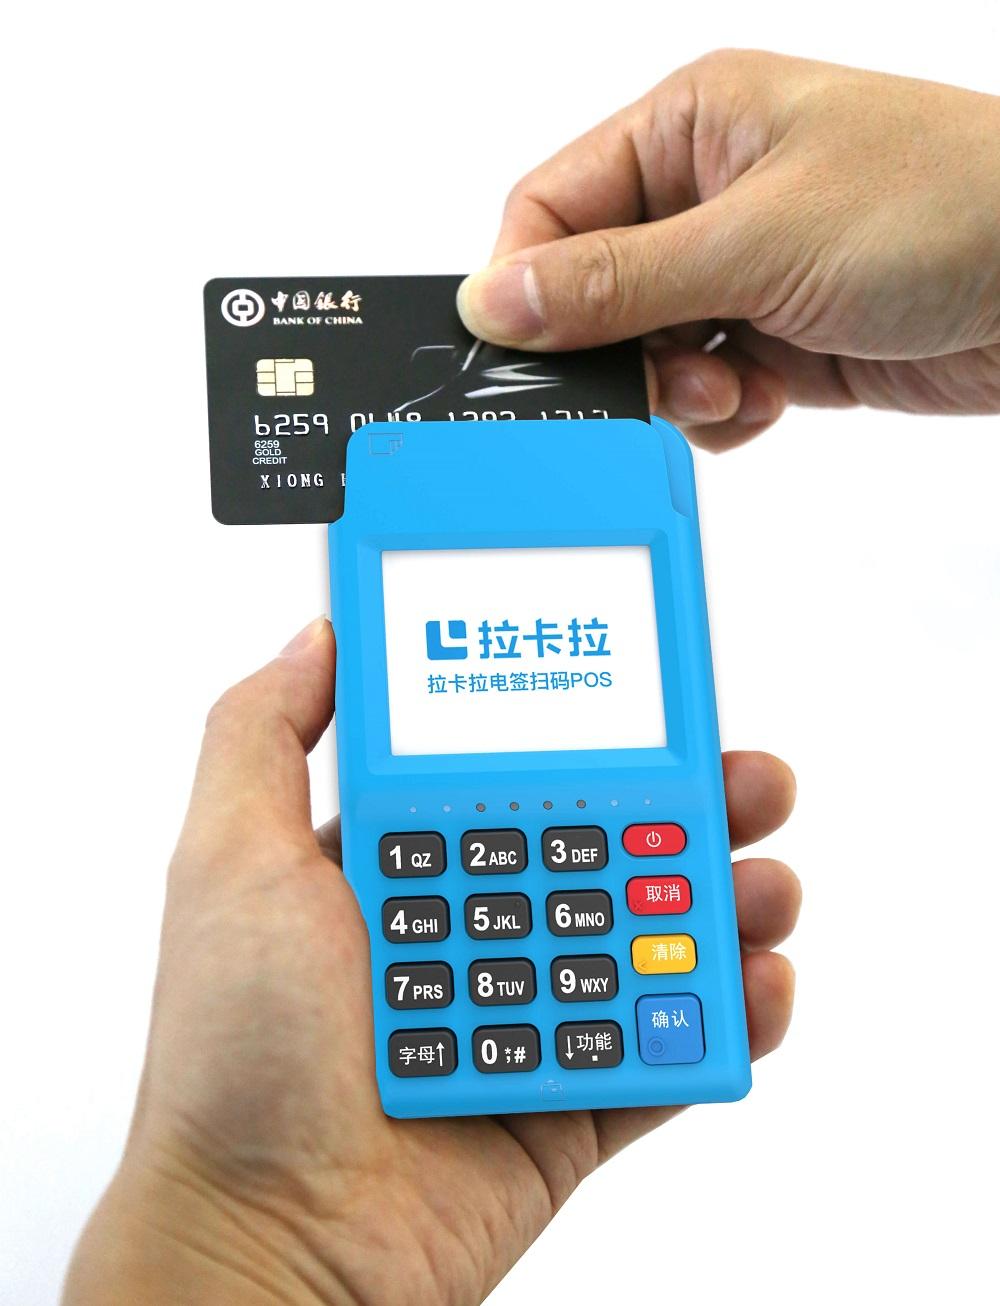 如何解决pos机刷信用卡提示单笔金额超限?